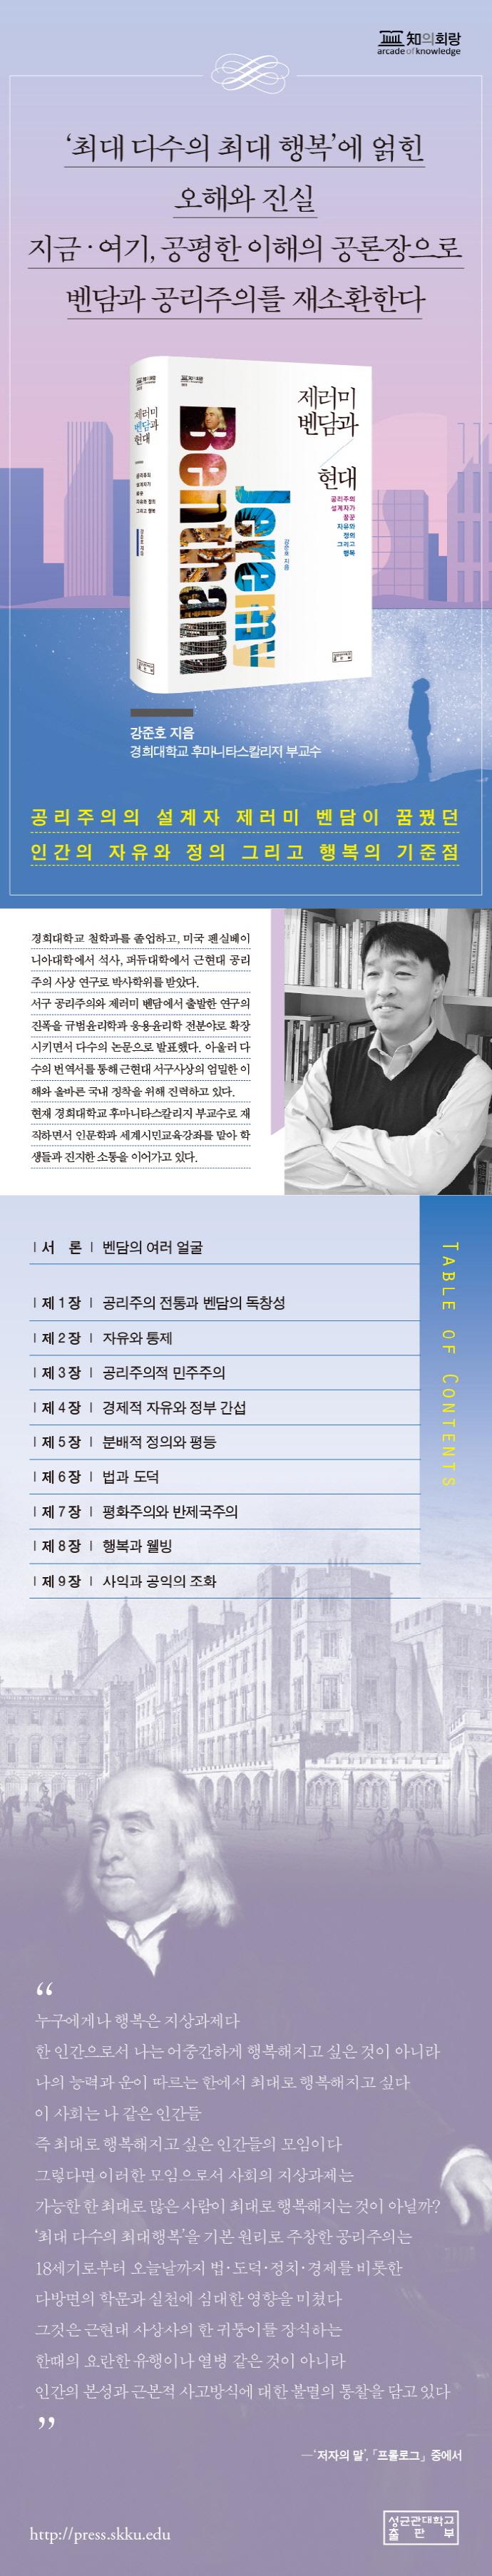 제러미 벤담과 현대(지의회랑 9)(양장본 HardCover) 도서 상세이미지